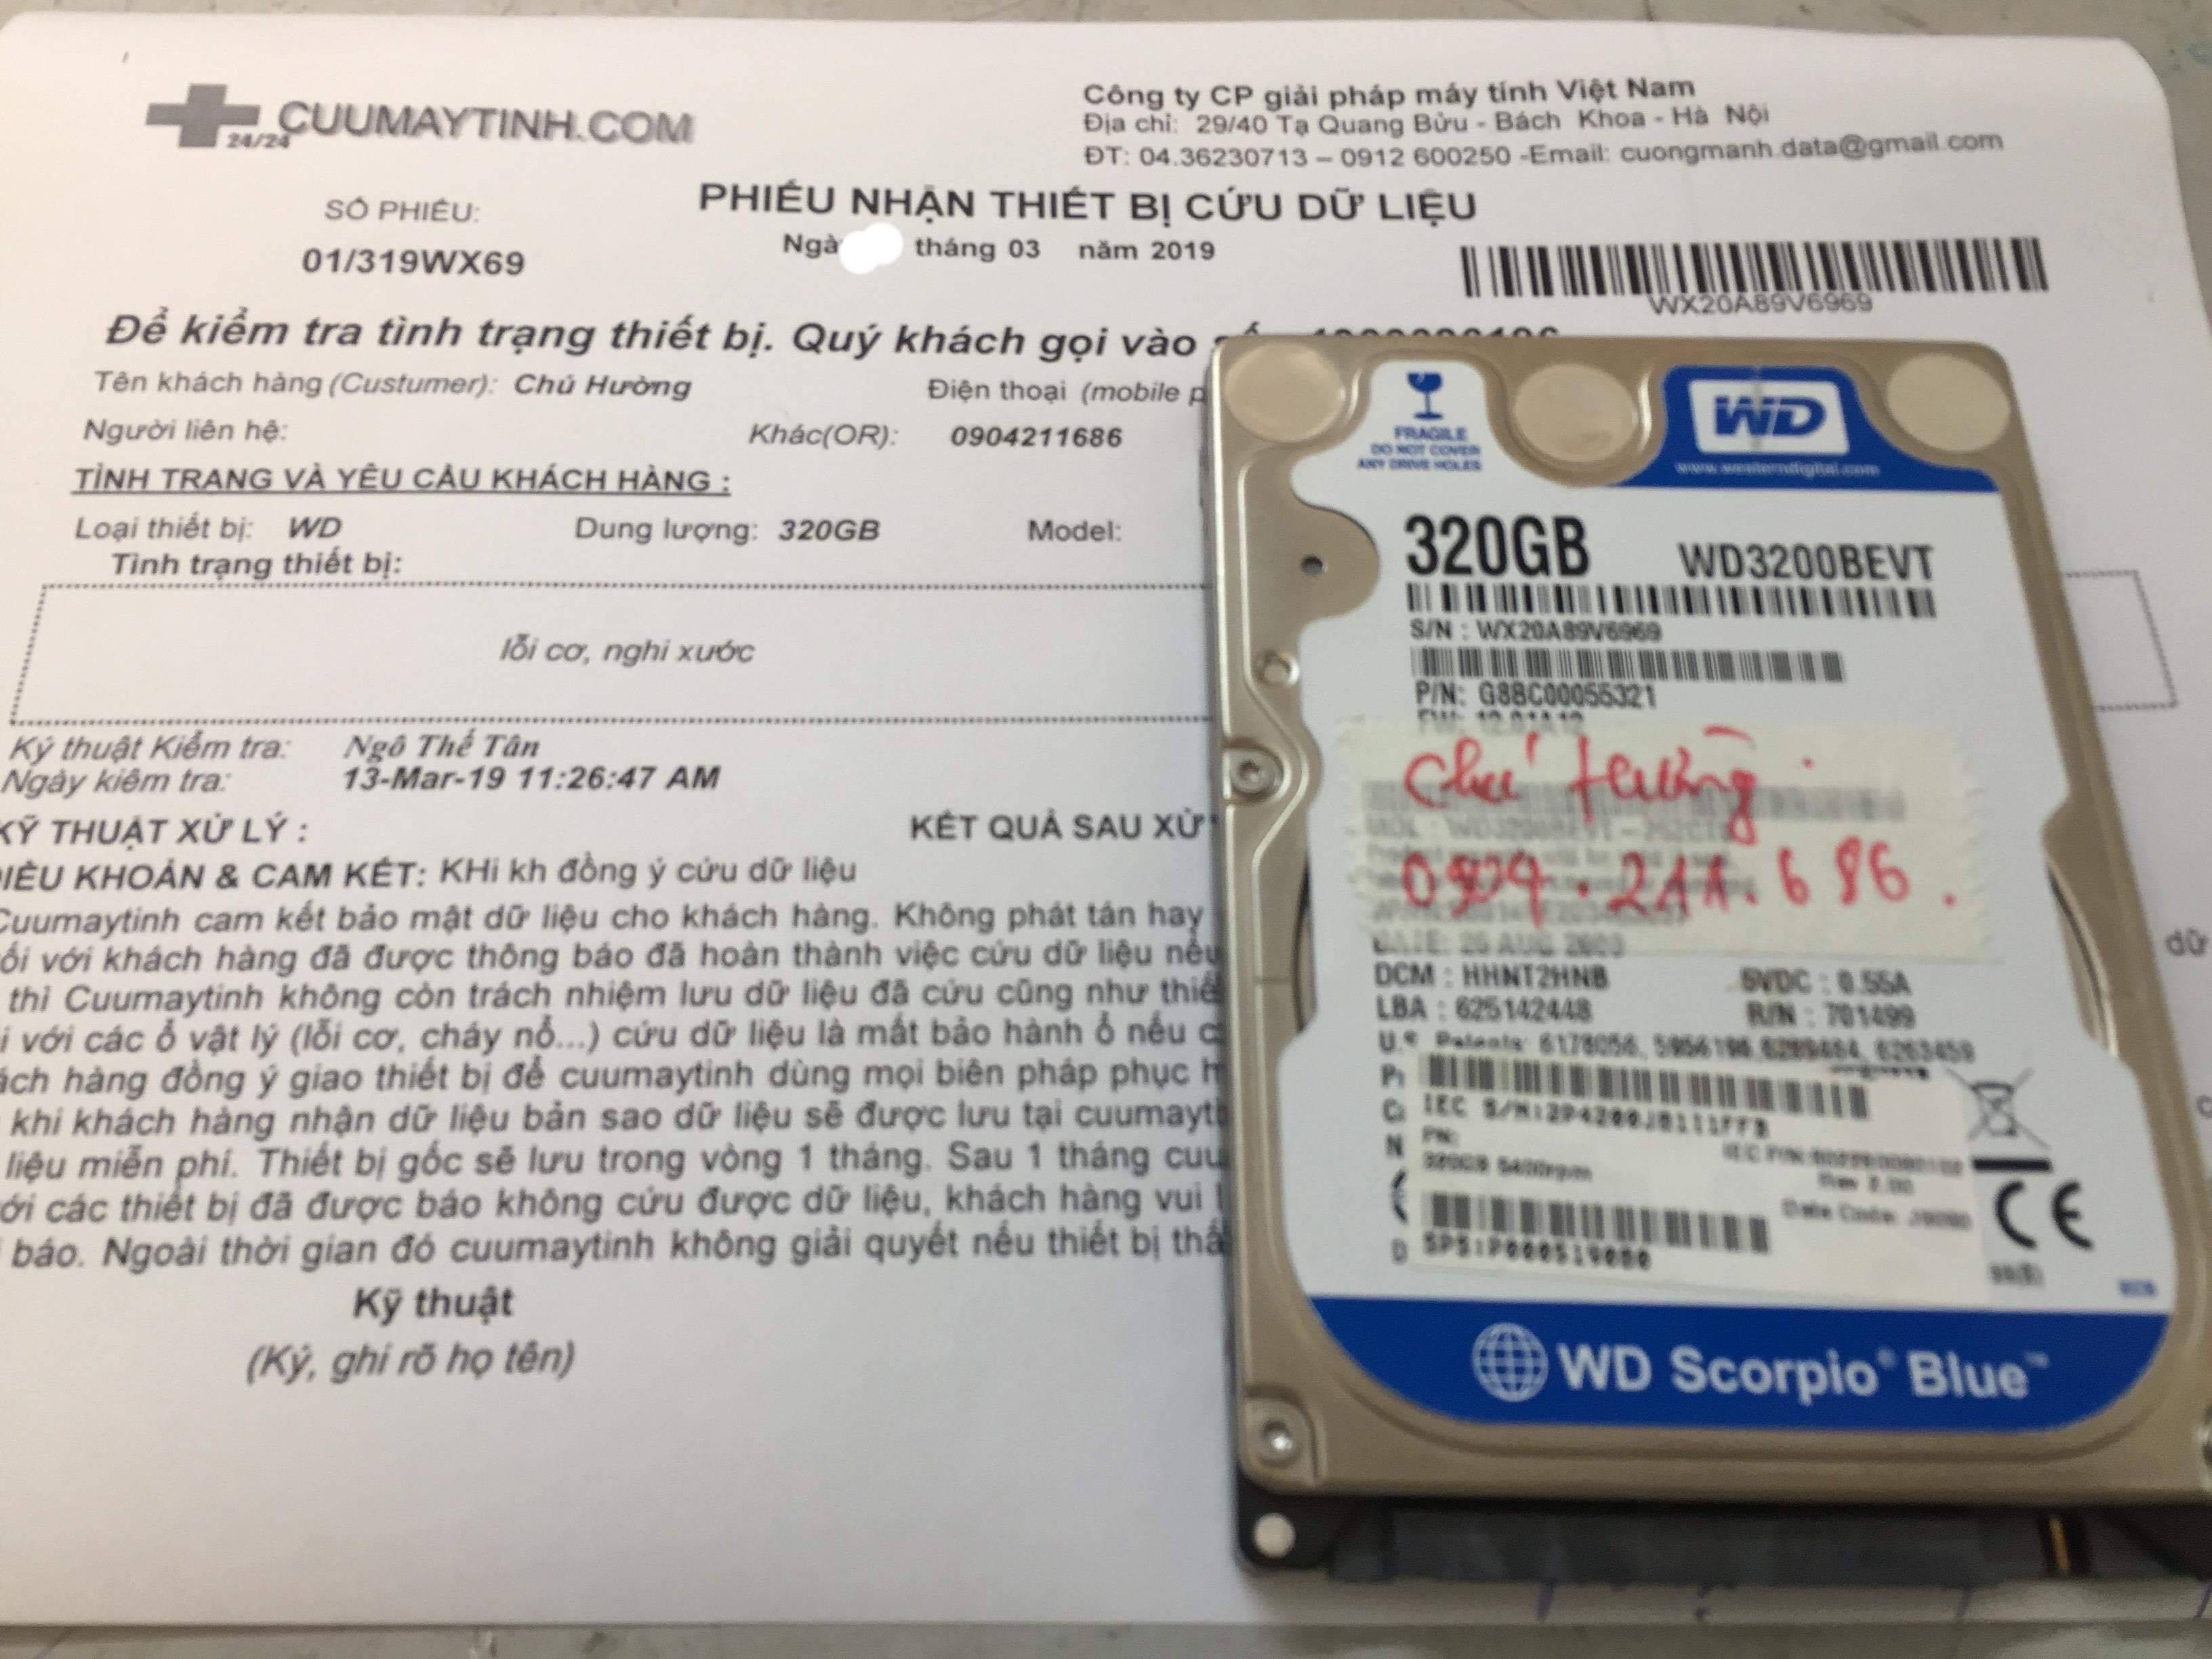 Phục hồi dữ liệu ổ cứng Western 320GB lỗi cơ 16/03/2019 - cuumaytinh